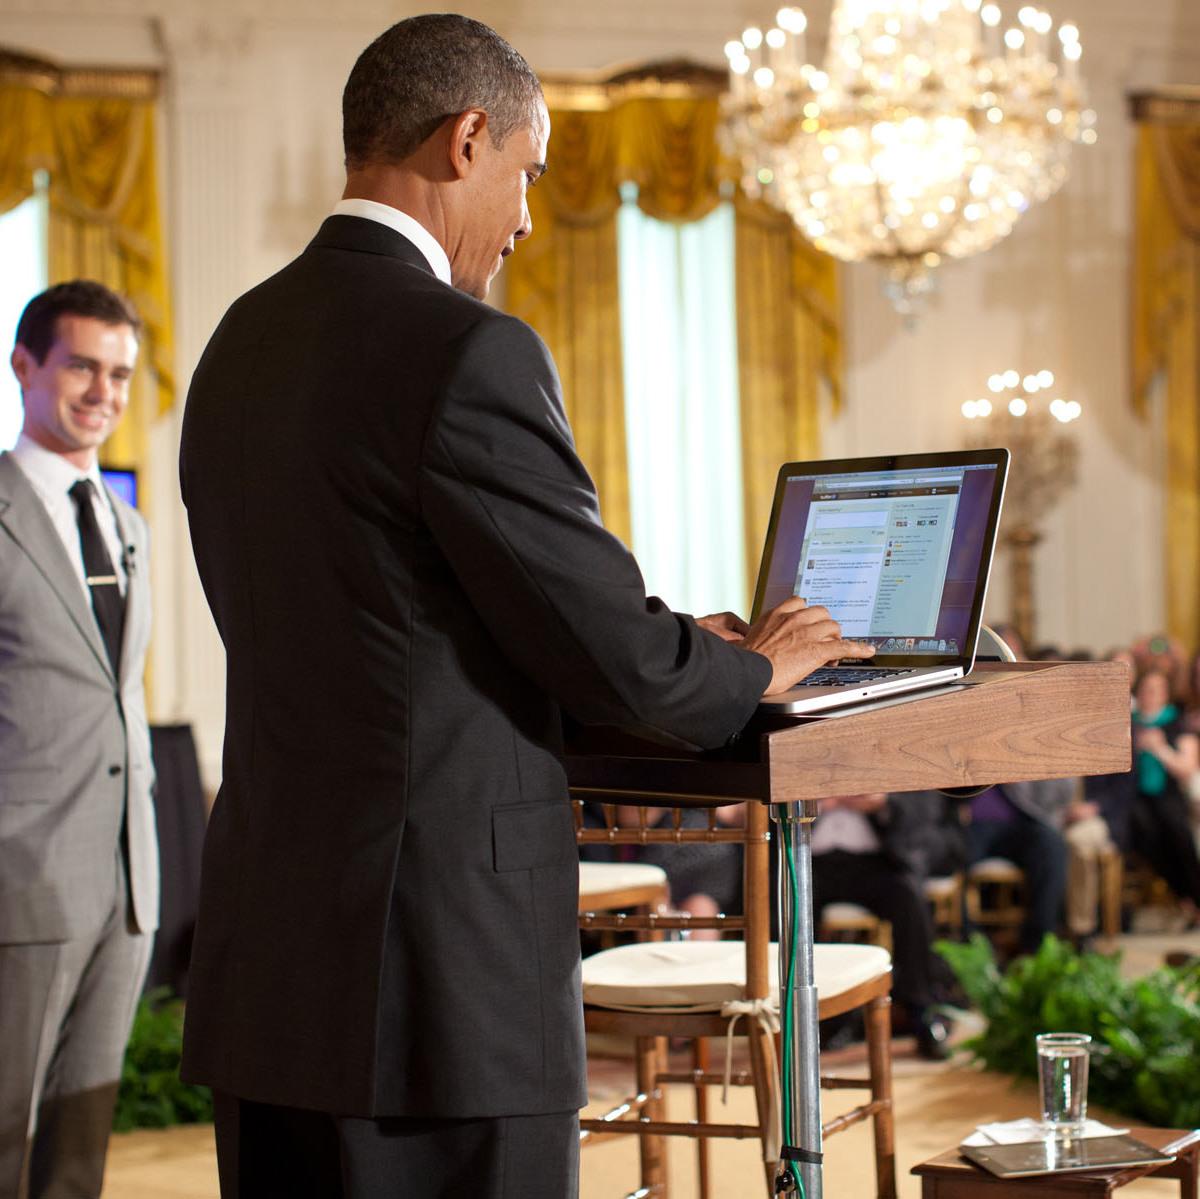 President Obama tweeting